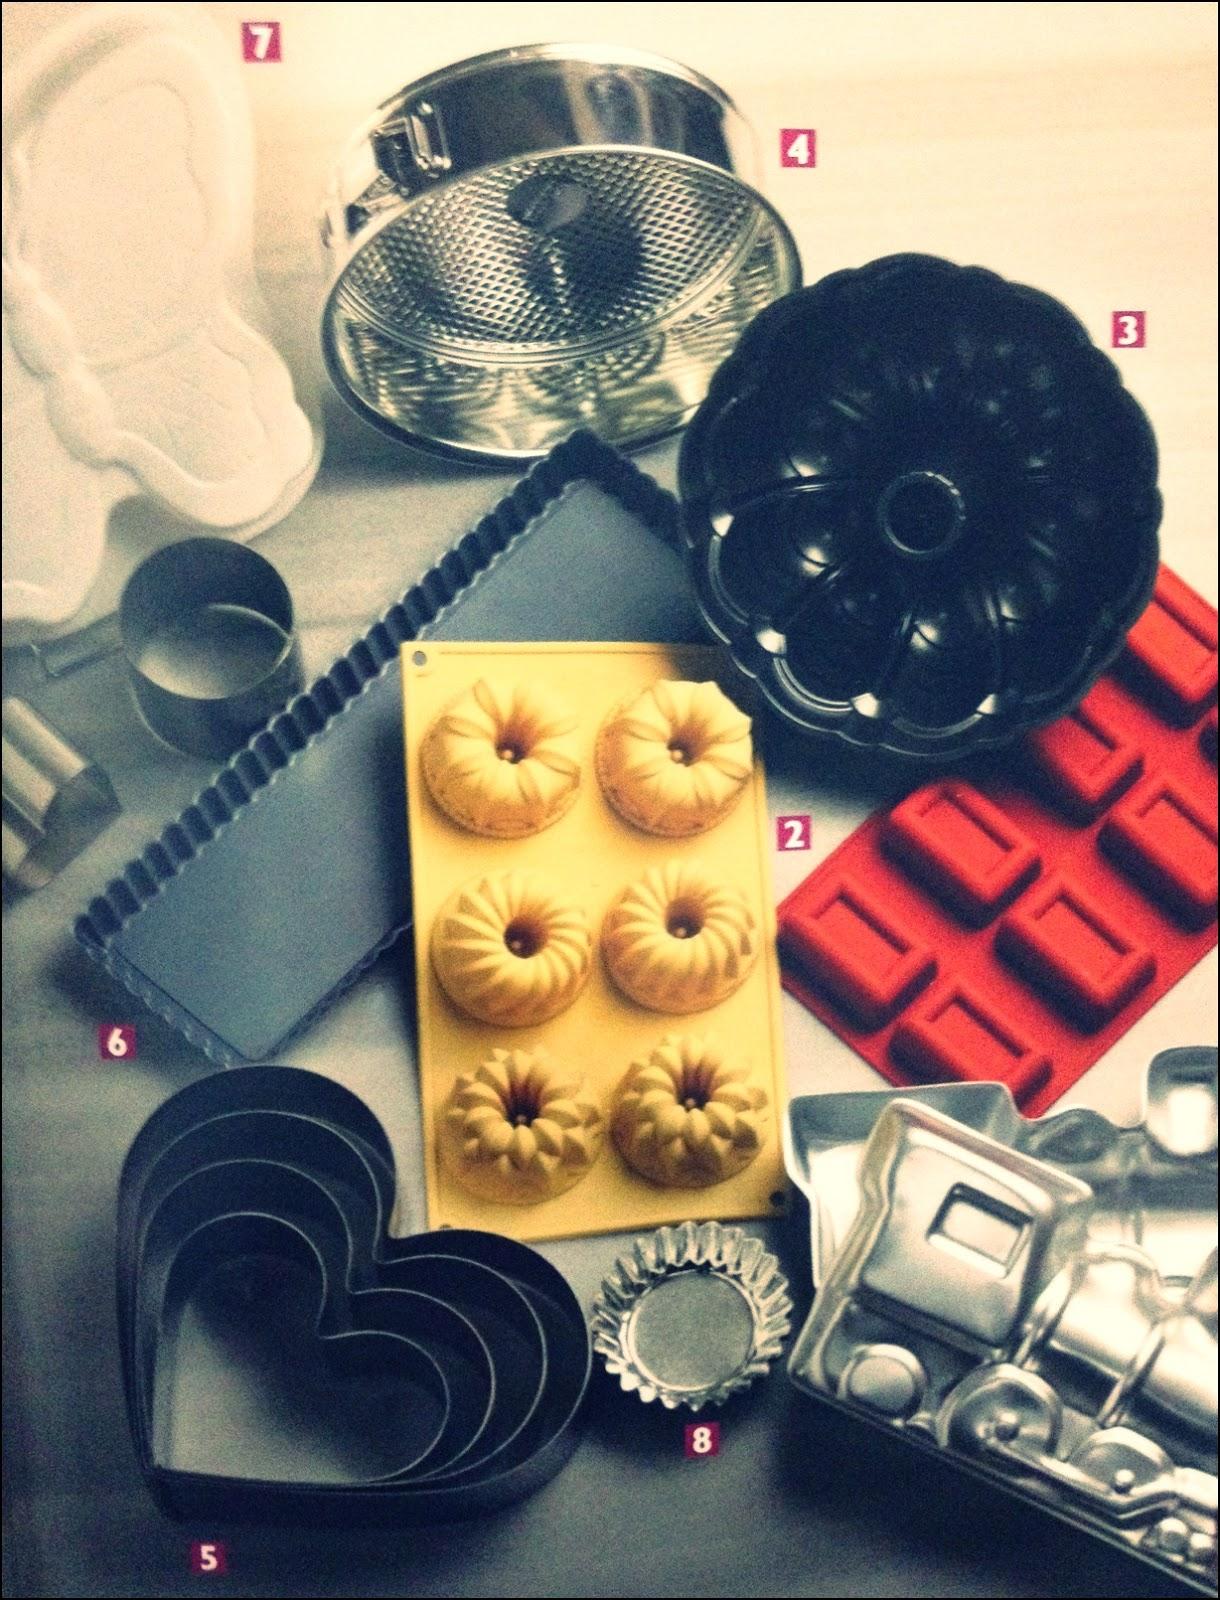 Kelepçeli Kek Kalıbı Nasıl Kullanılır